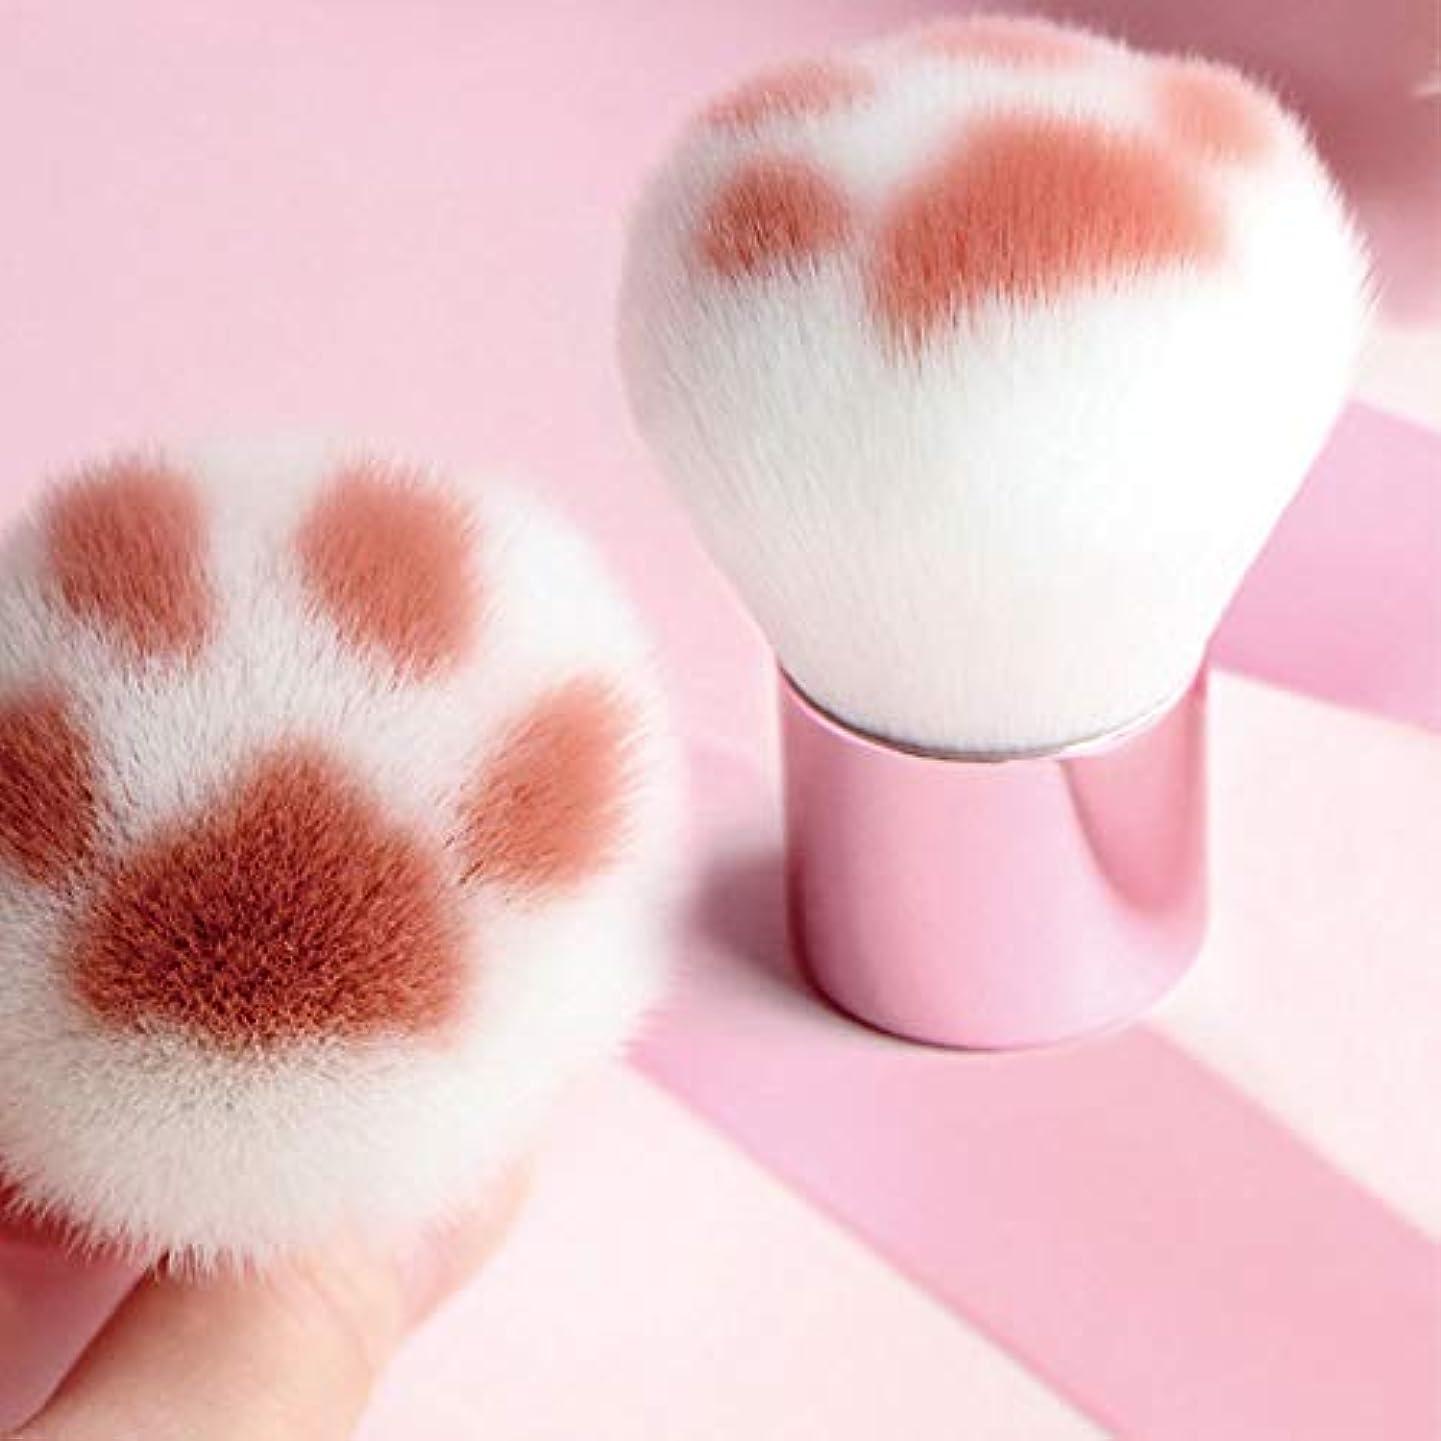 ペリスコープしかし共和党化粧ブラシ、ファンデーションブラシ、猫の爪形化粧ブラシ、カワイイファンデーションブラシ、バーチハンドルレーヨン化粧ブラシ美容化粧ツール (White)